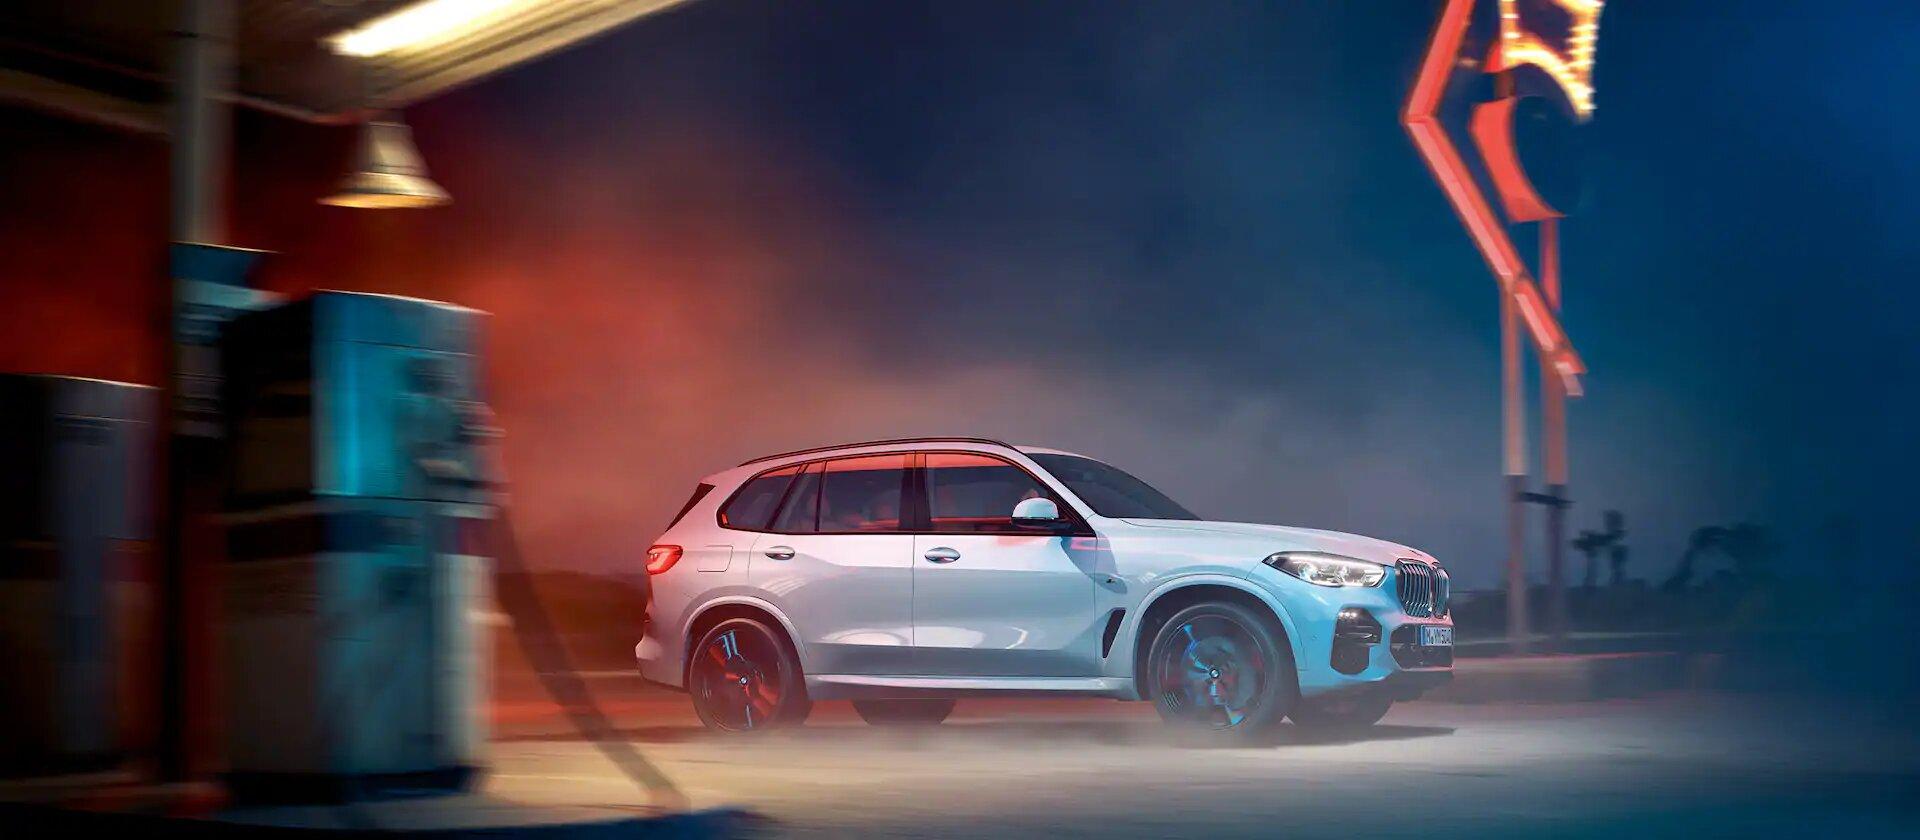 Як створювався дизайн нового BMW X5 (G05) 2020?